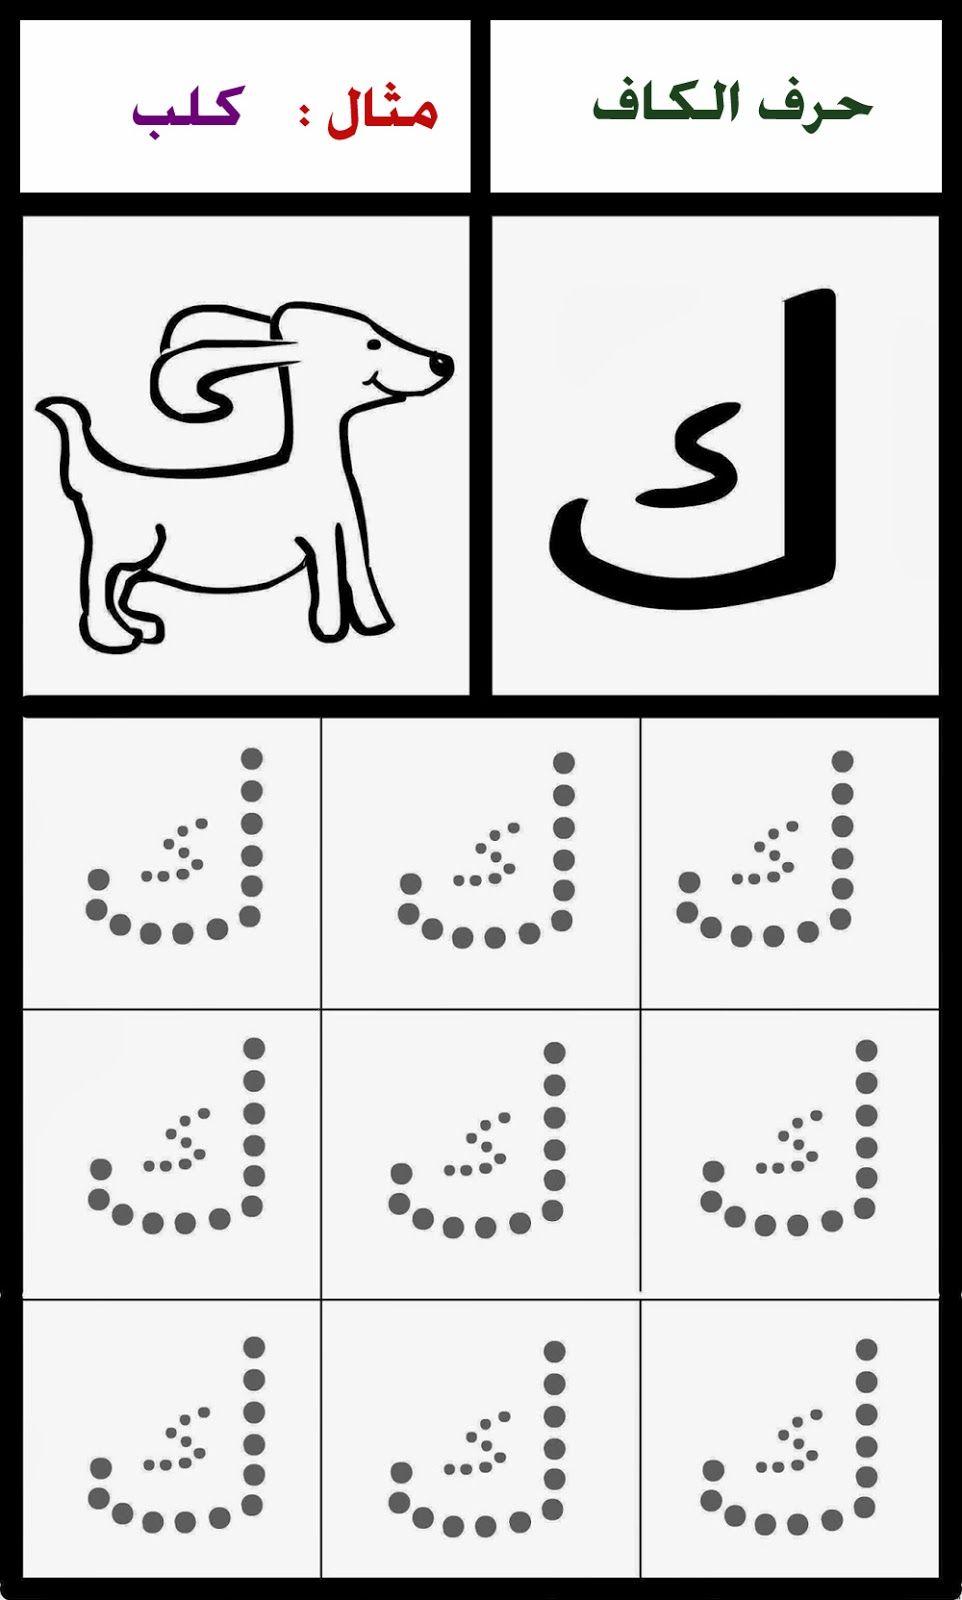 ألبومات صور منوعة البوم صور لرسم اشكال حروف هجاء اللغة العربية مع الأمثلة لكل حرف Arabic Alphabet For Kids Arabic Alphabet Arabic Alphabet Letters